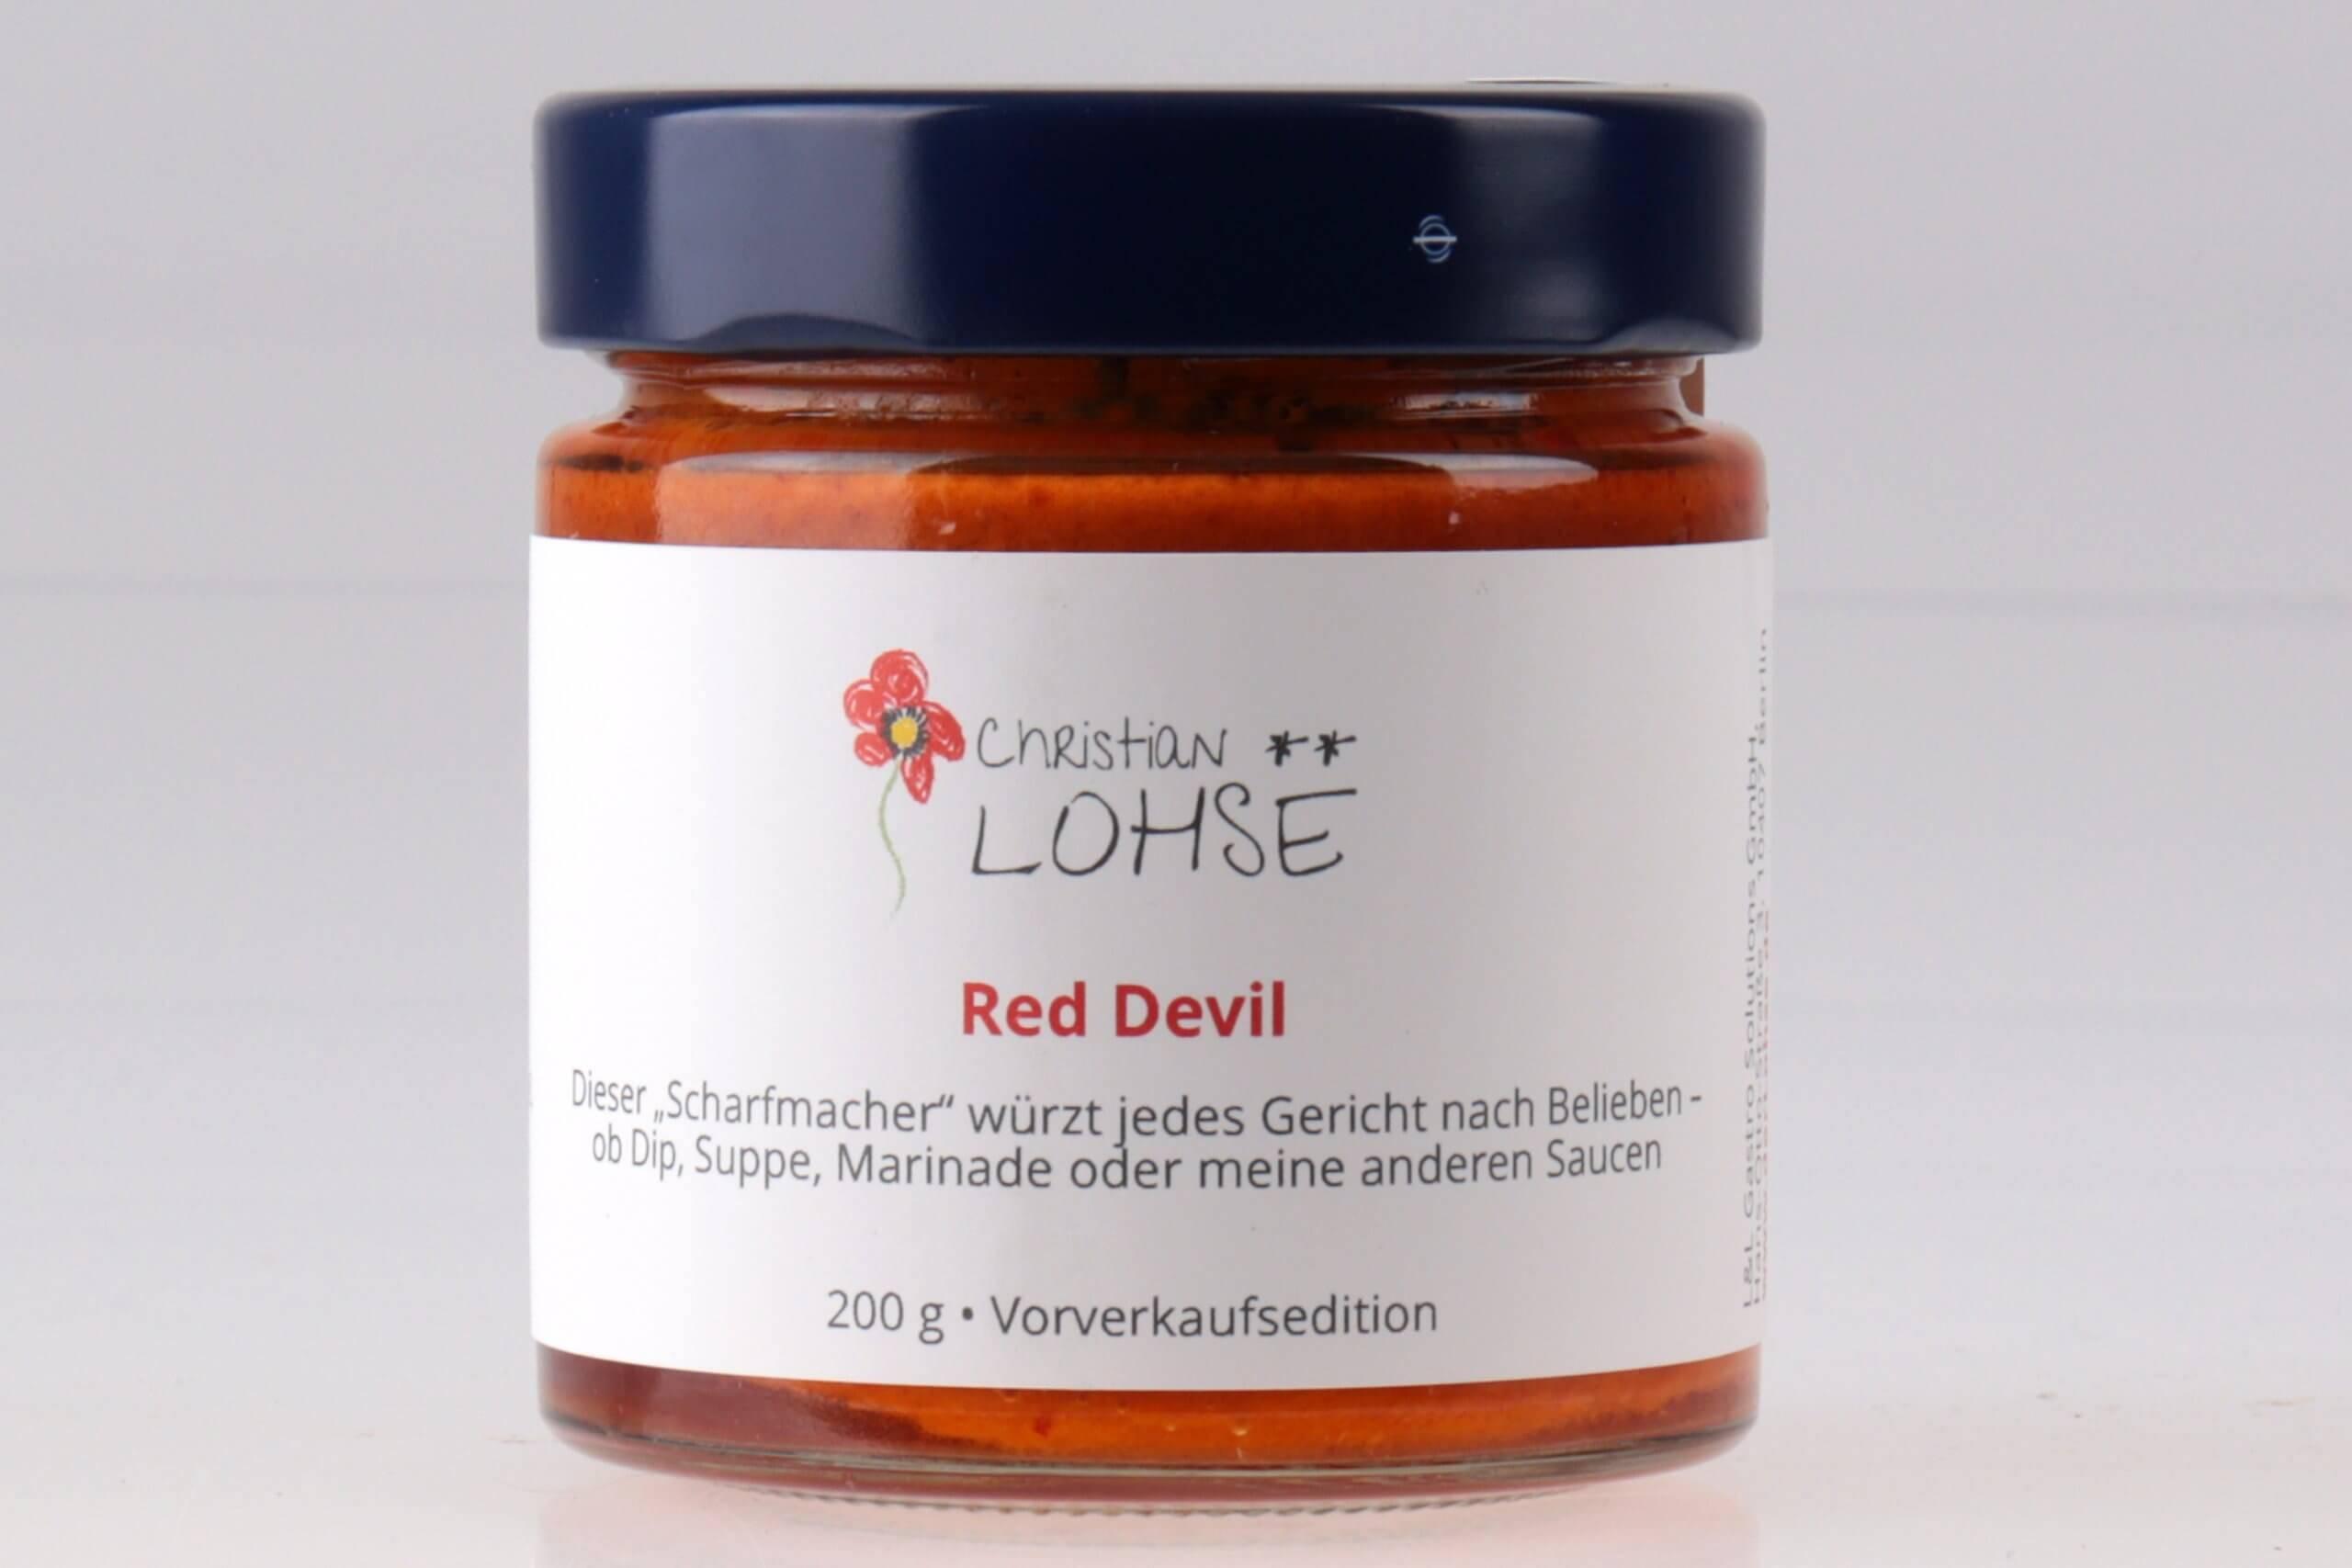 Red Devil Christian Lohse Sauce vonn feinjemacht